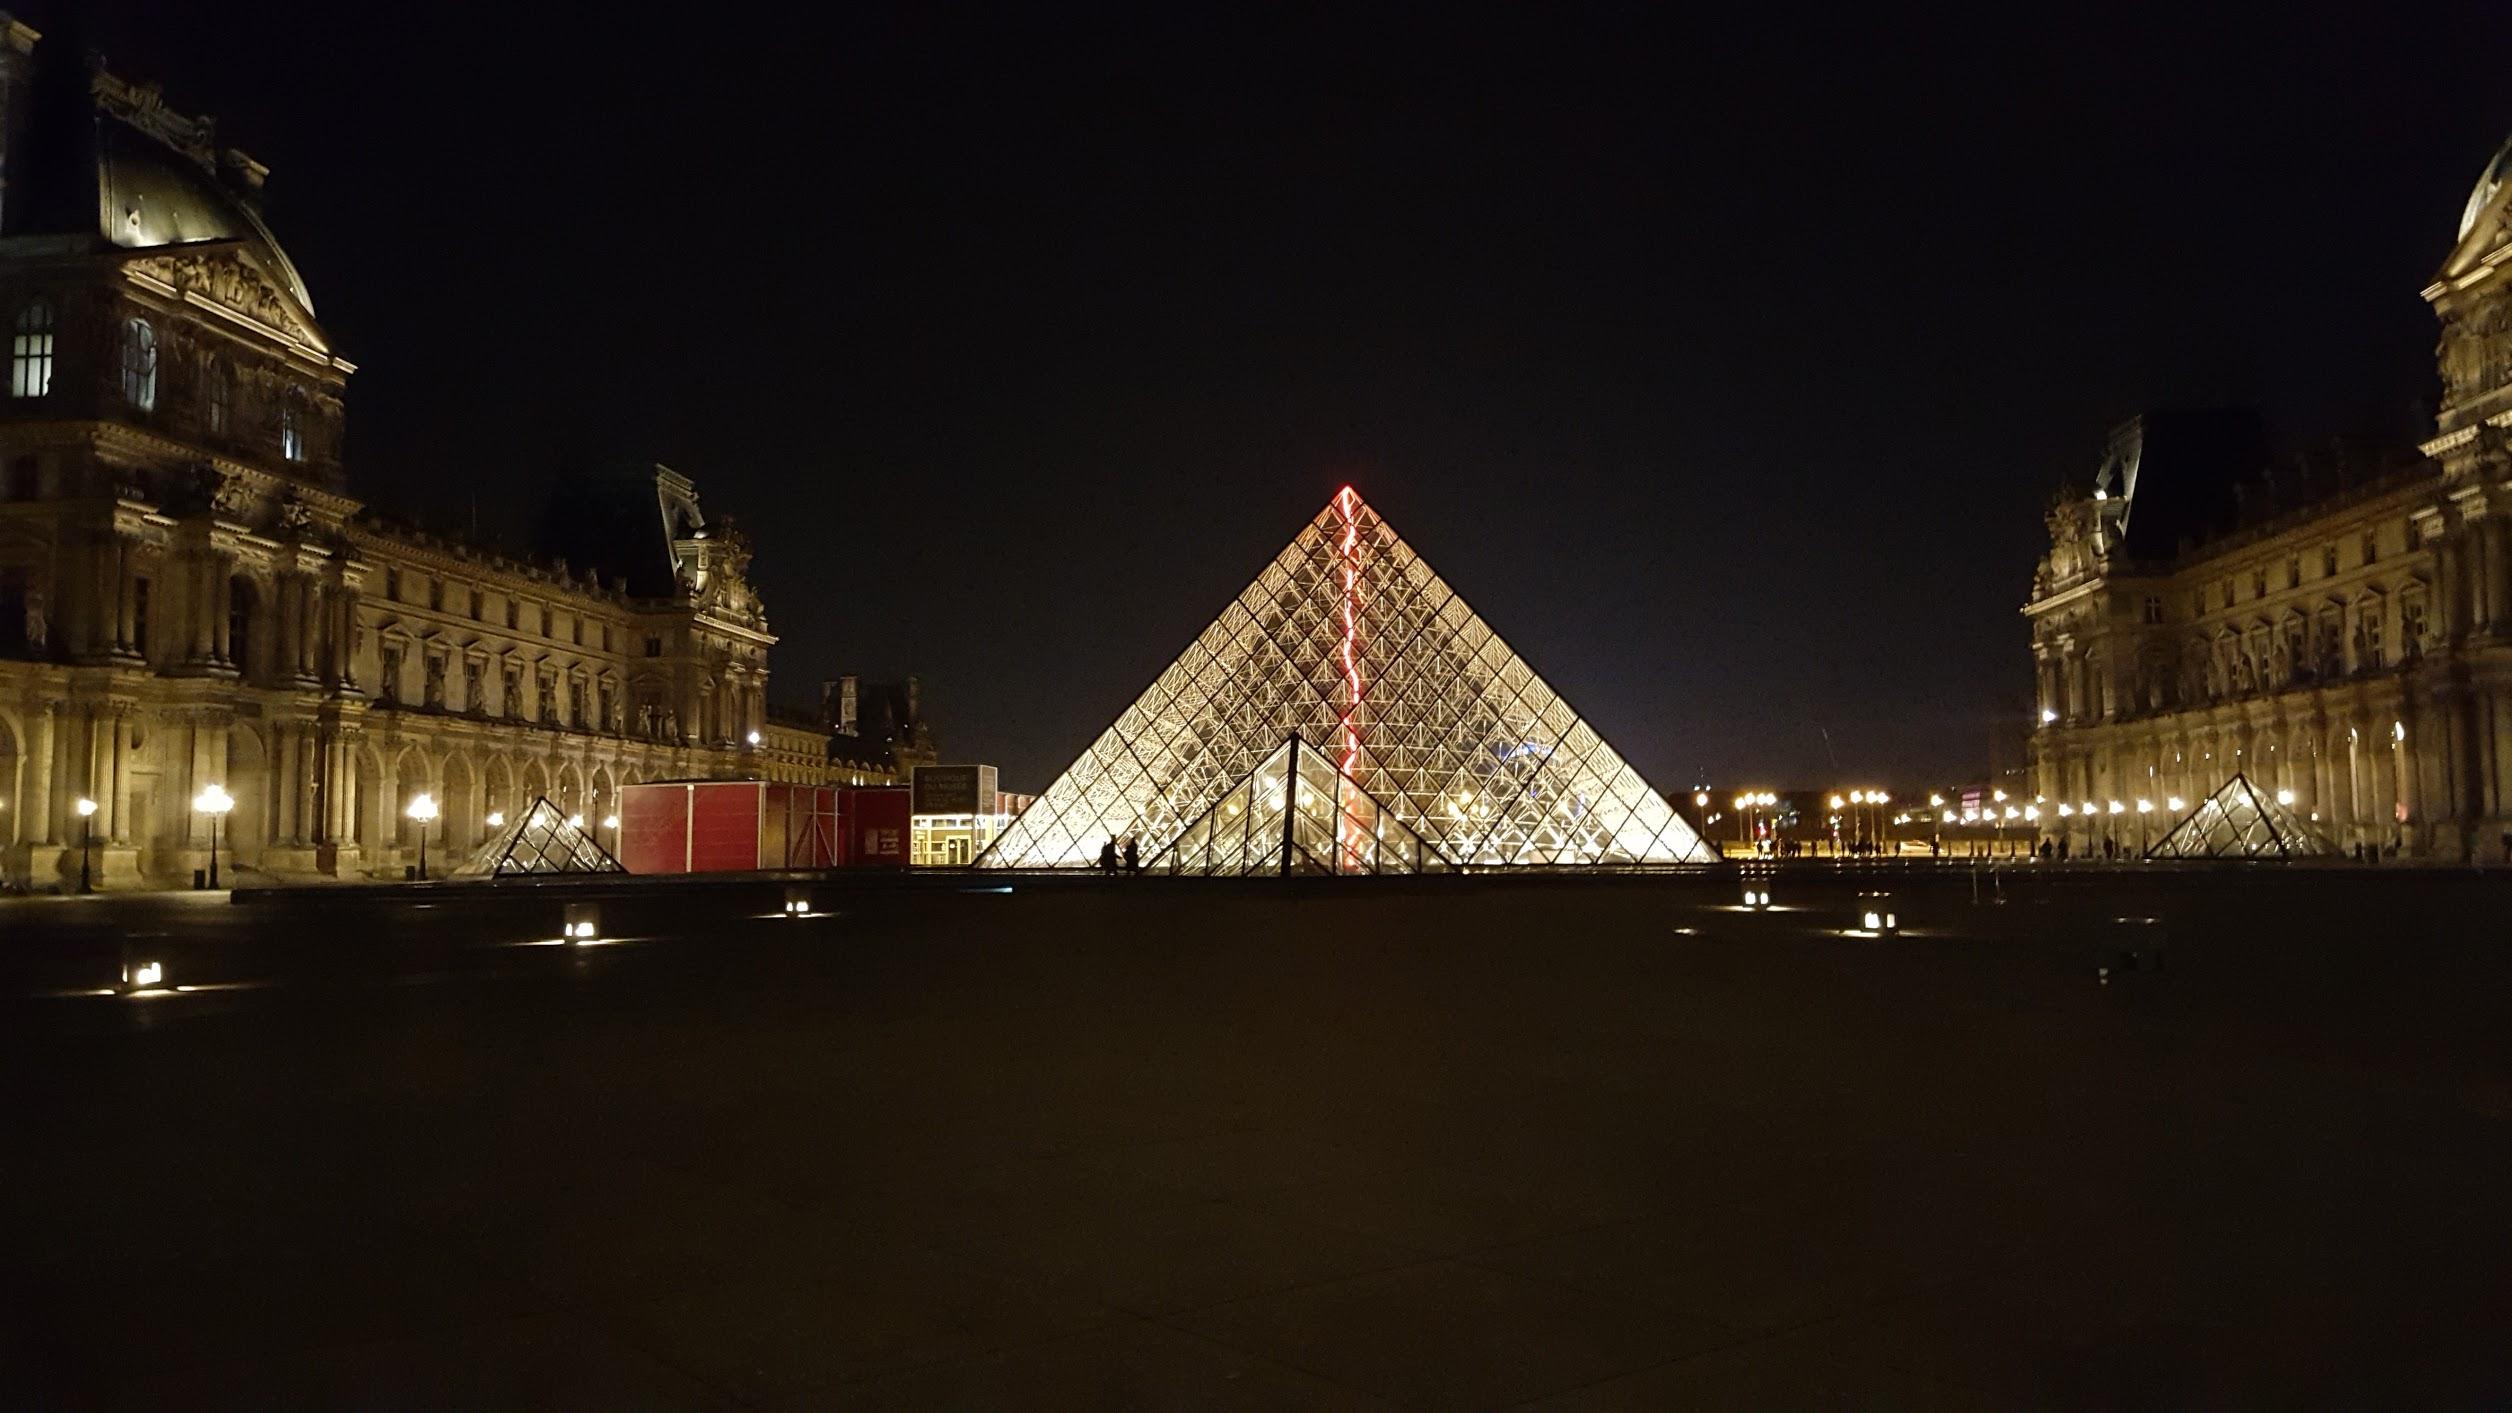 2016年のパリ観光旅行は大丈夫?テロ・治安は?